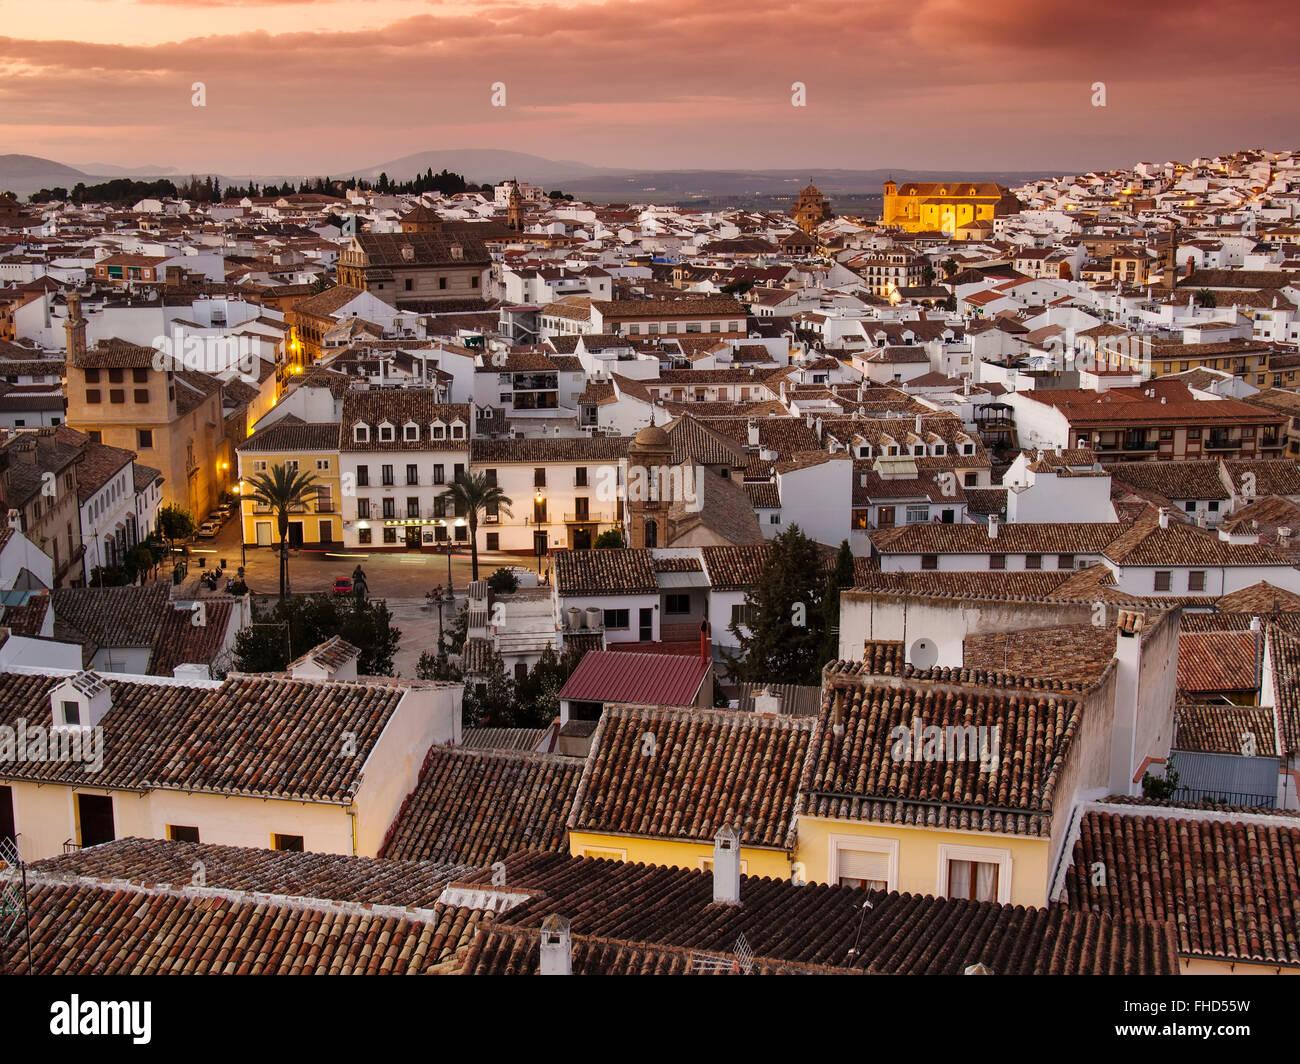 Le coucher du soleil, ville monumentale Antequera, Malaga province. Andalousie le sud de l'Espagne Photo Stock